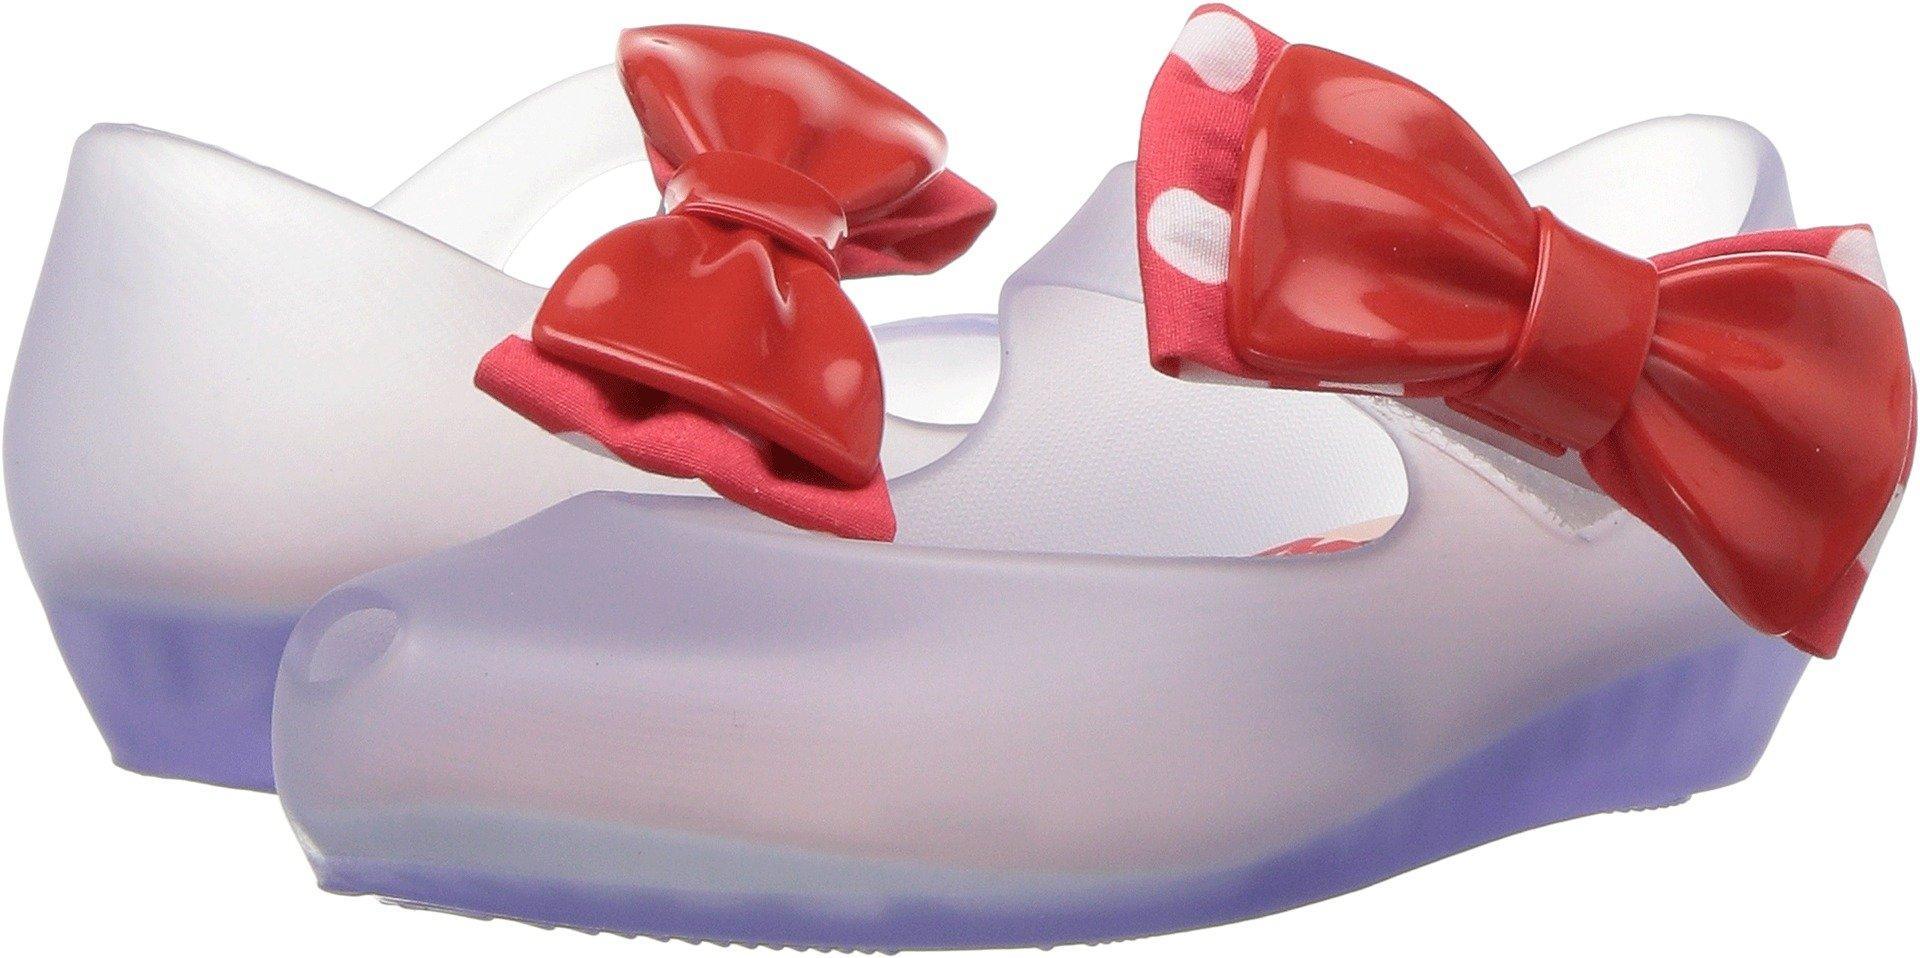 Mini Melissa Girls' Mini Ultragirl + Minnie Ballet Flat, Clear Glass Red, 12 Medium US Little Kid by Mini Melissa